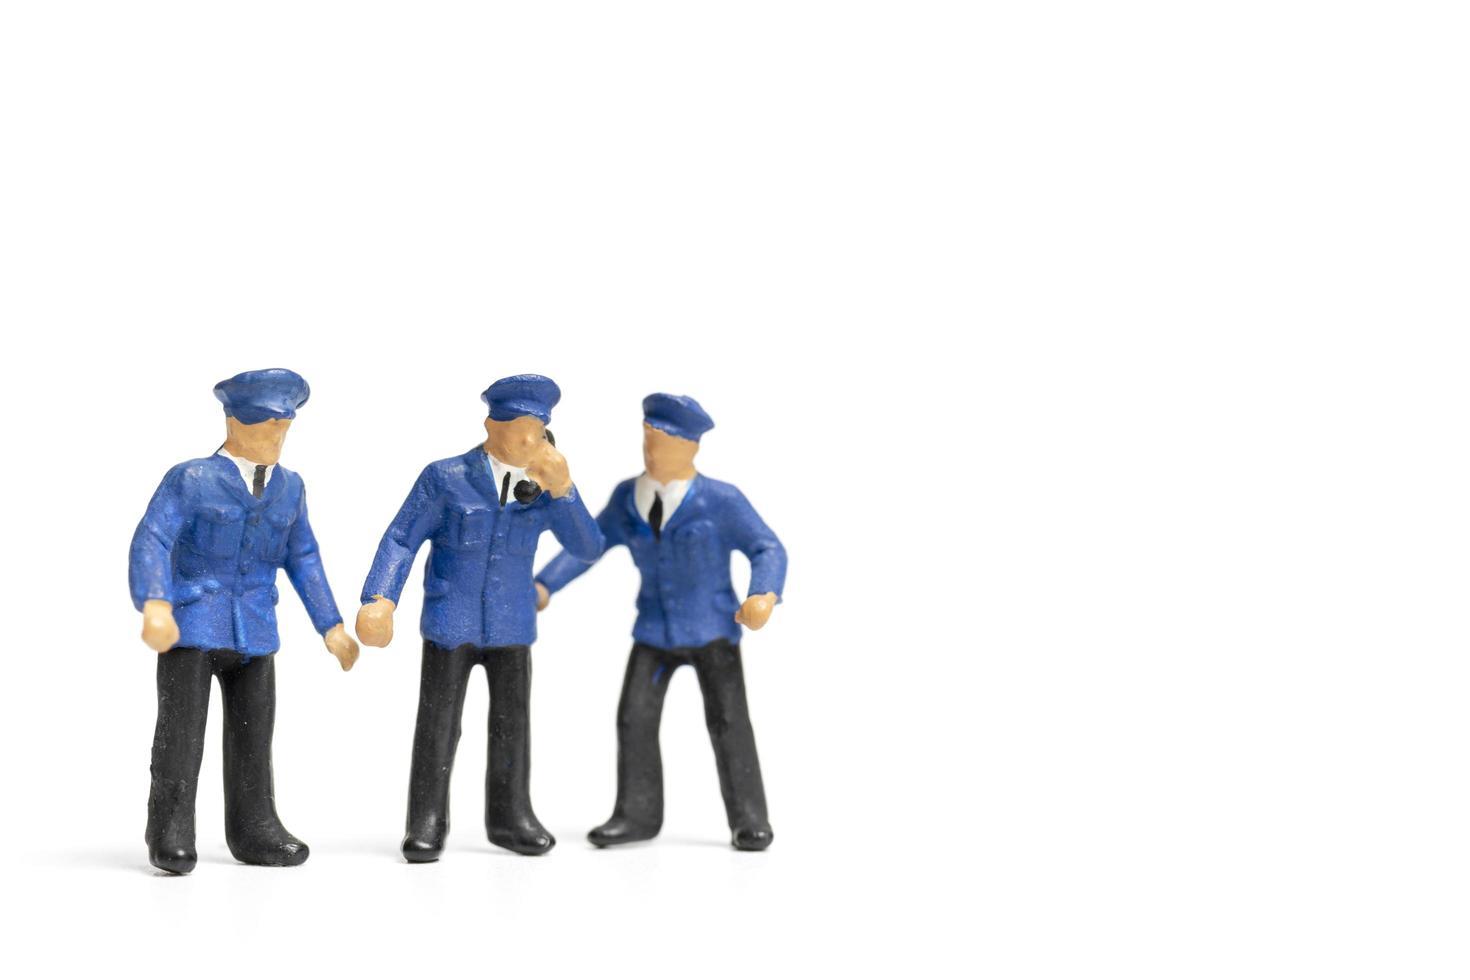 miniatyrpolisar som står på en vit bakgrund foto